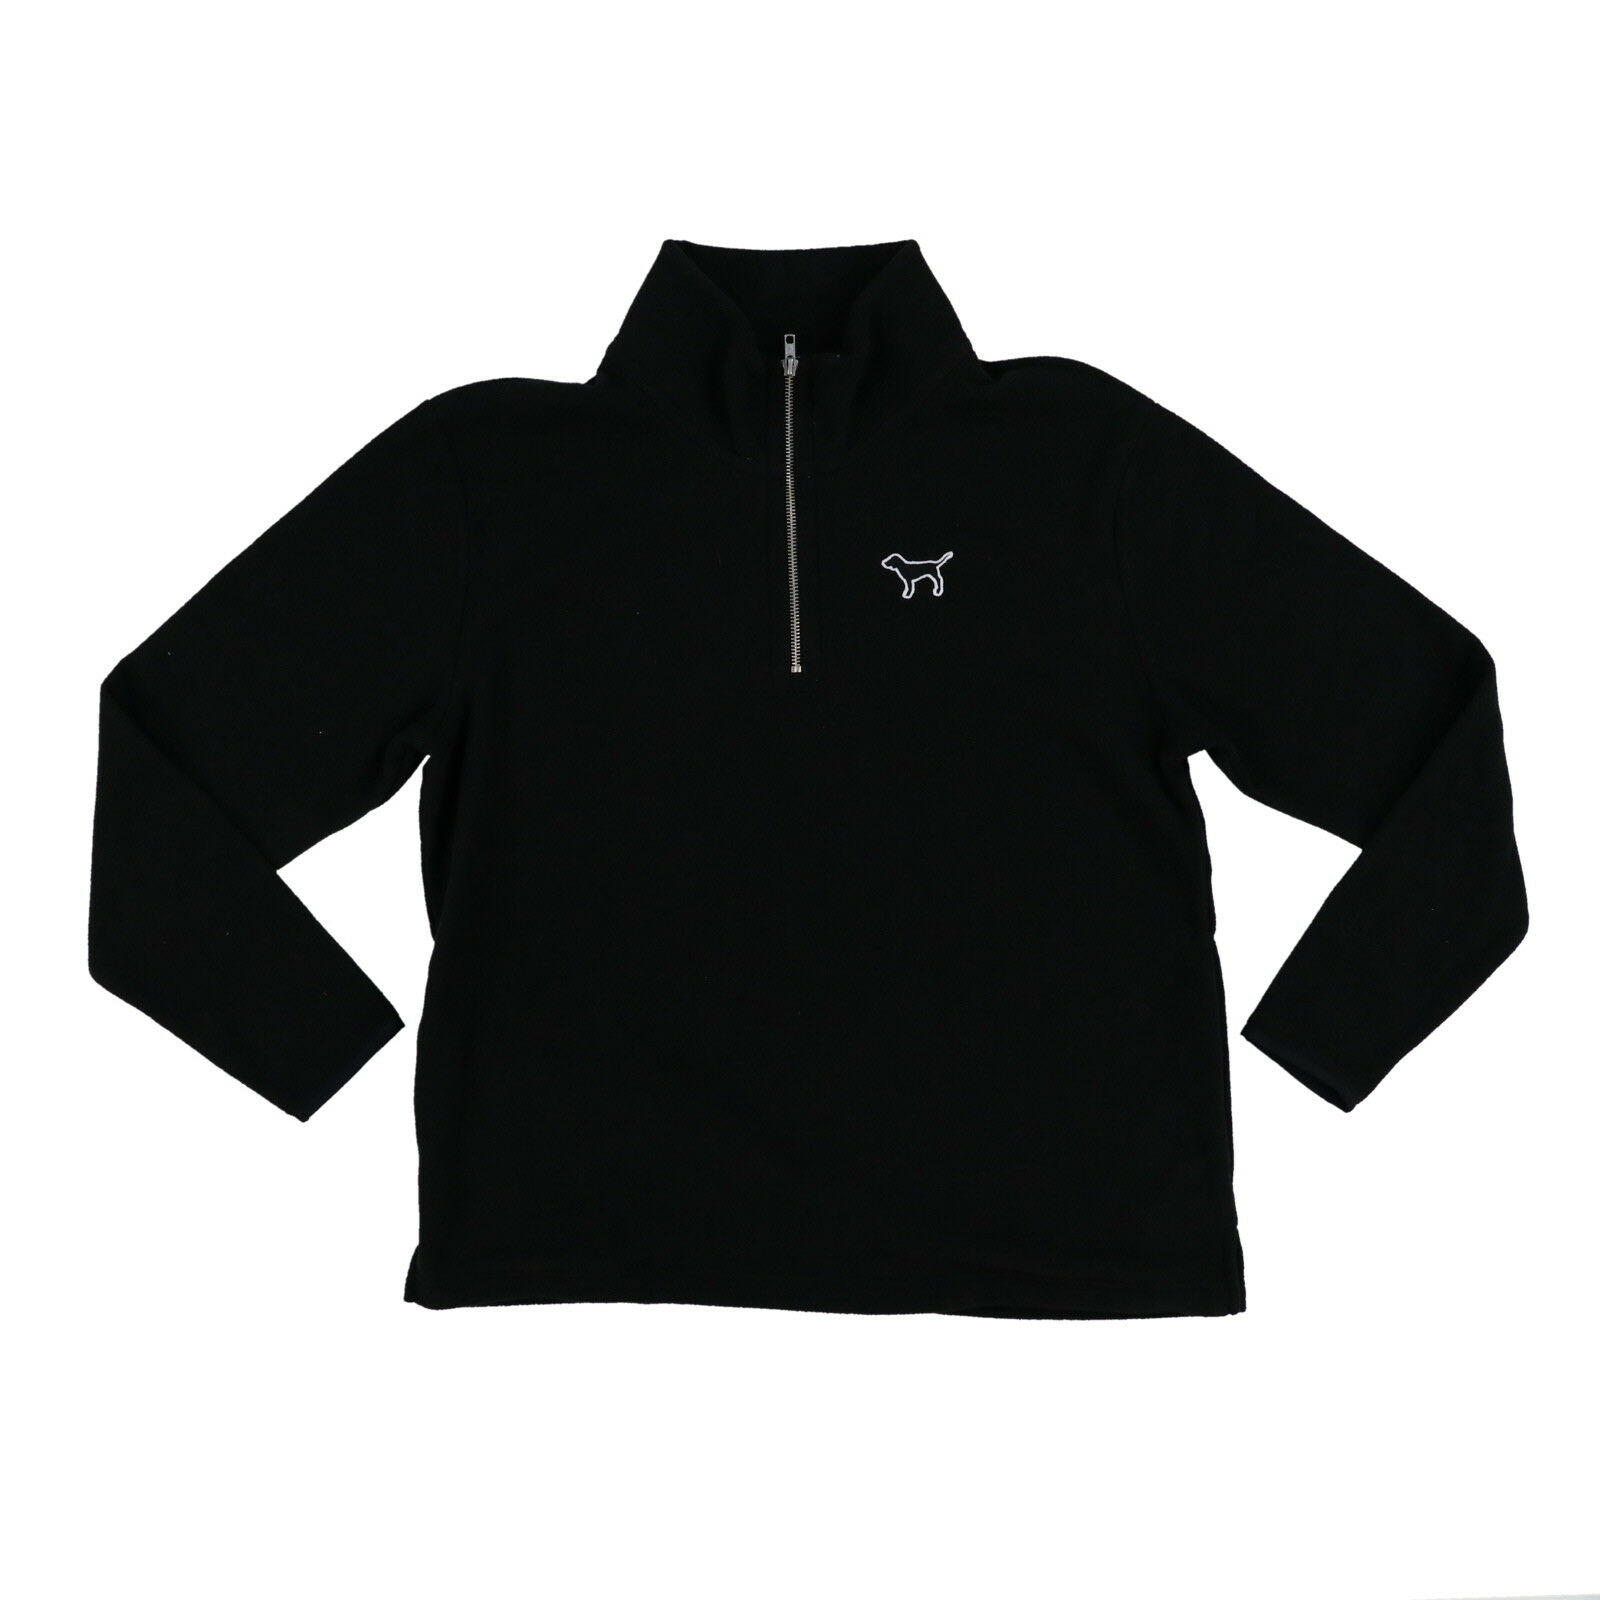 Victoria's Secret Pink Fleece Sweatshirt Sweatshirt Sweatshirt Quarter Zip Long Sleeve Logo Top New Vs 585b10